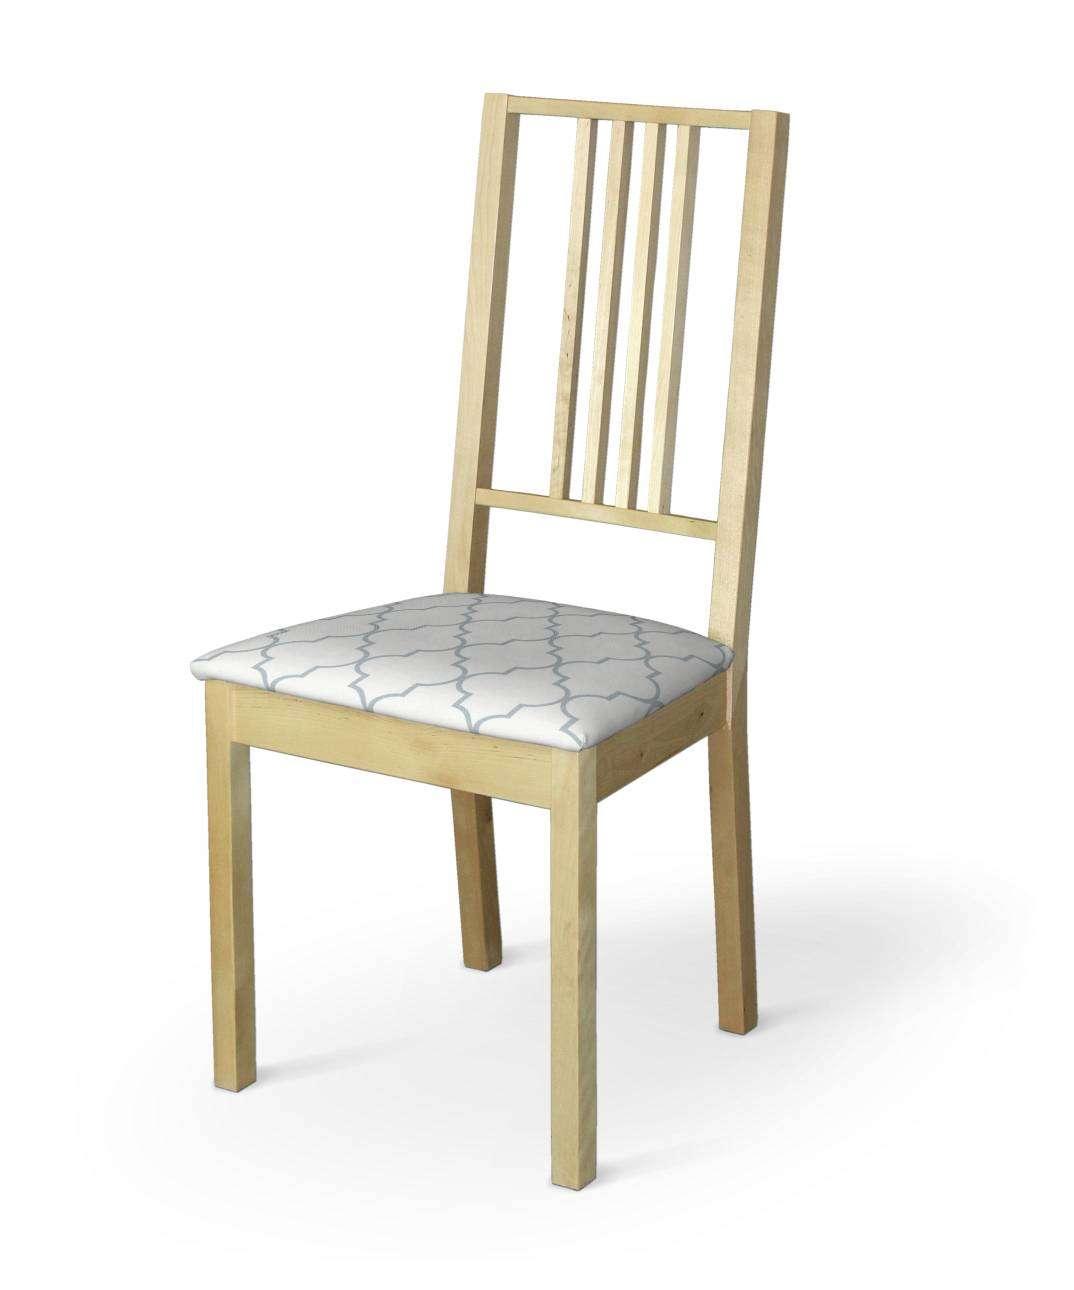 Börje kėdės užvalkalas Börje kėdės užvalkalas kolekcijoje Comics Prints, audinys: 137-85